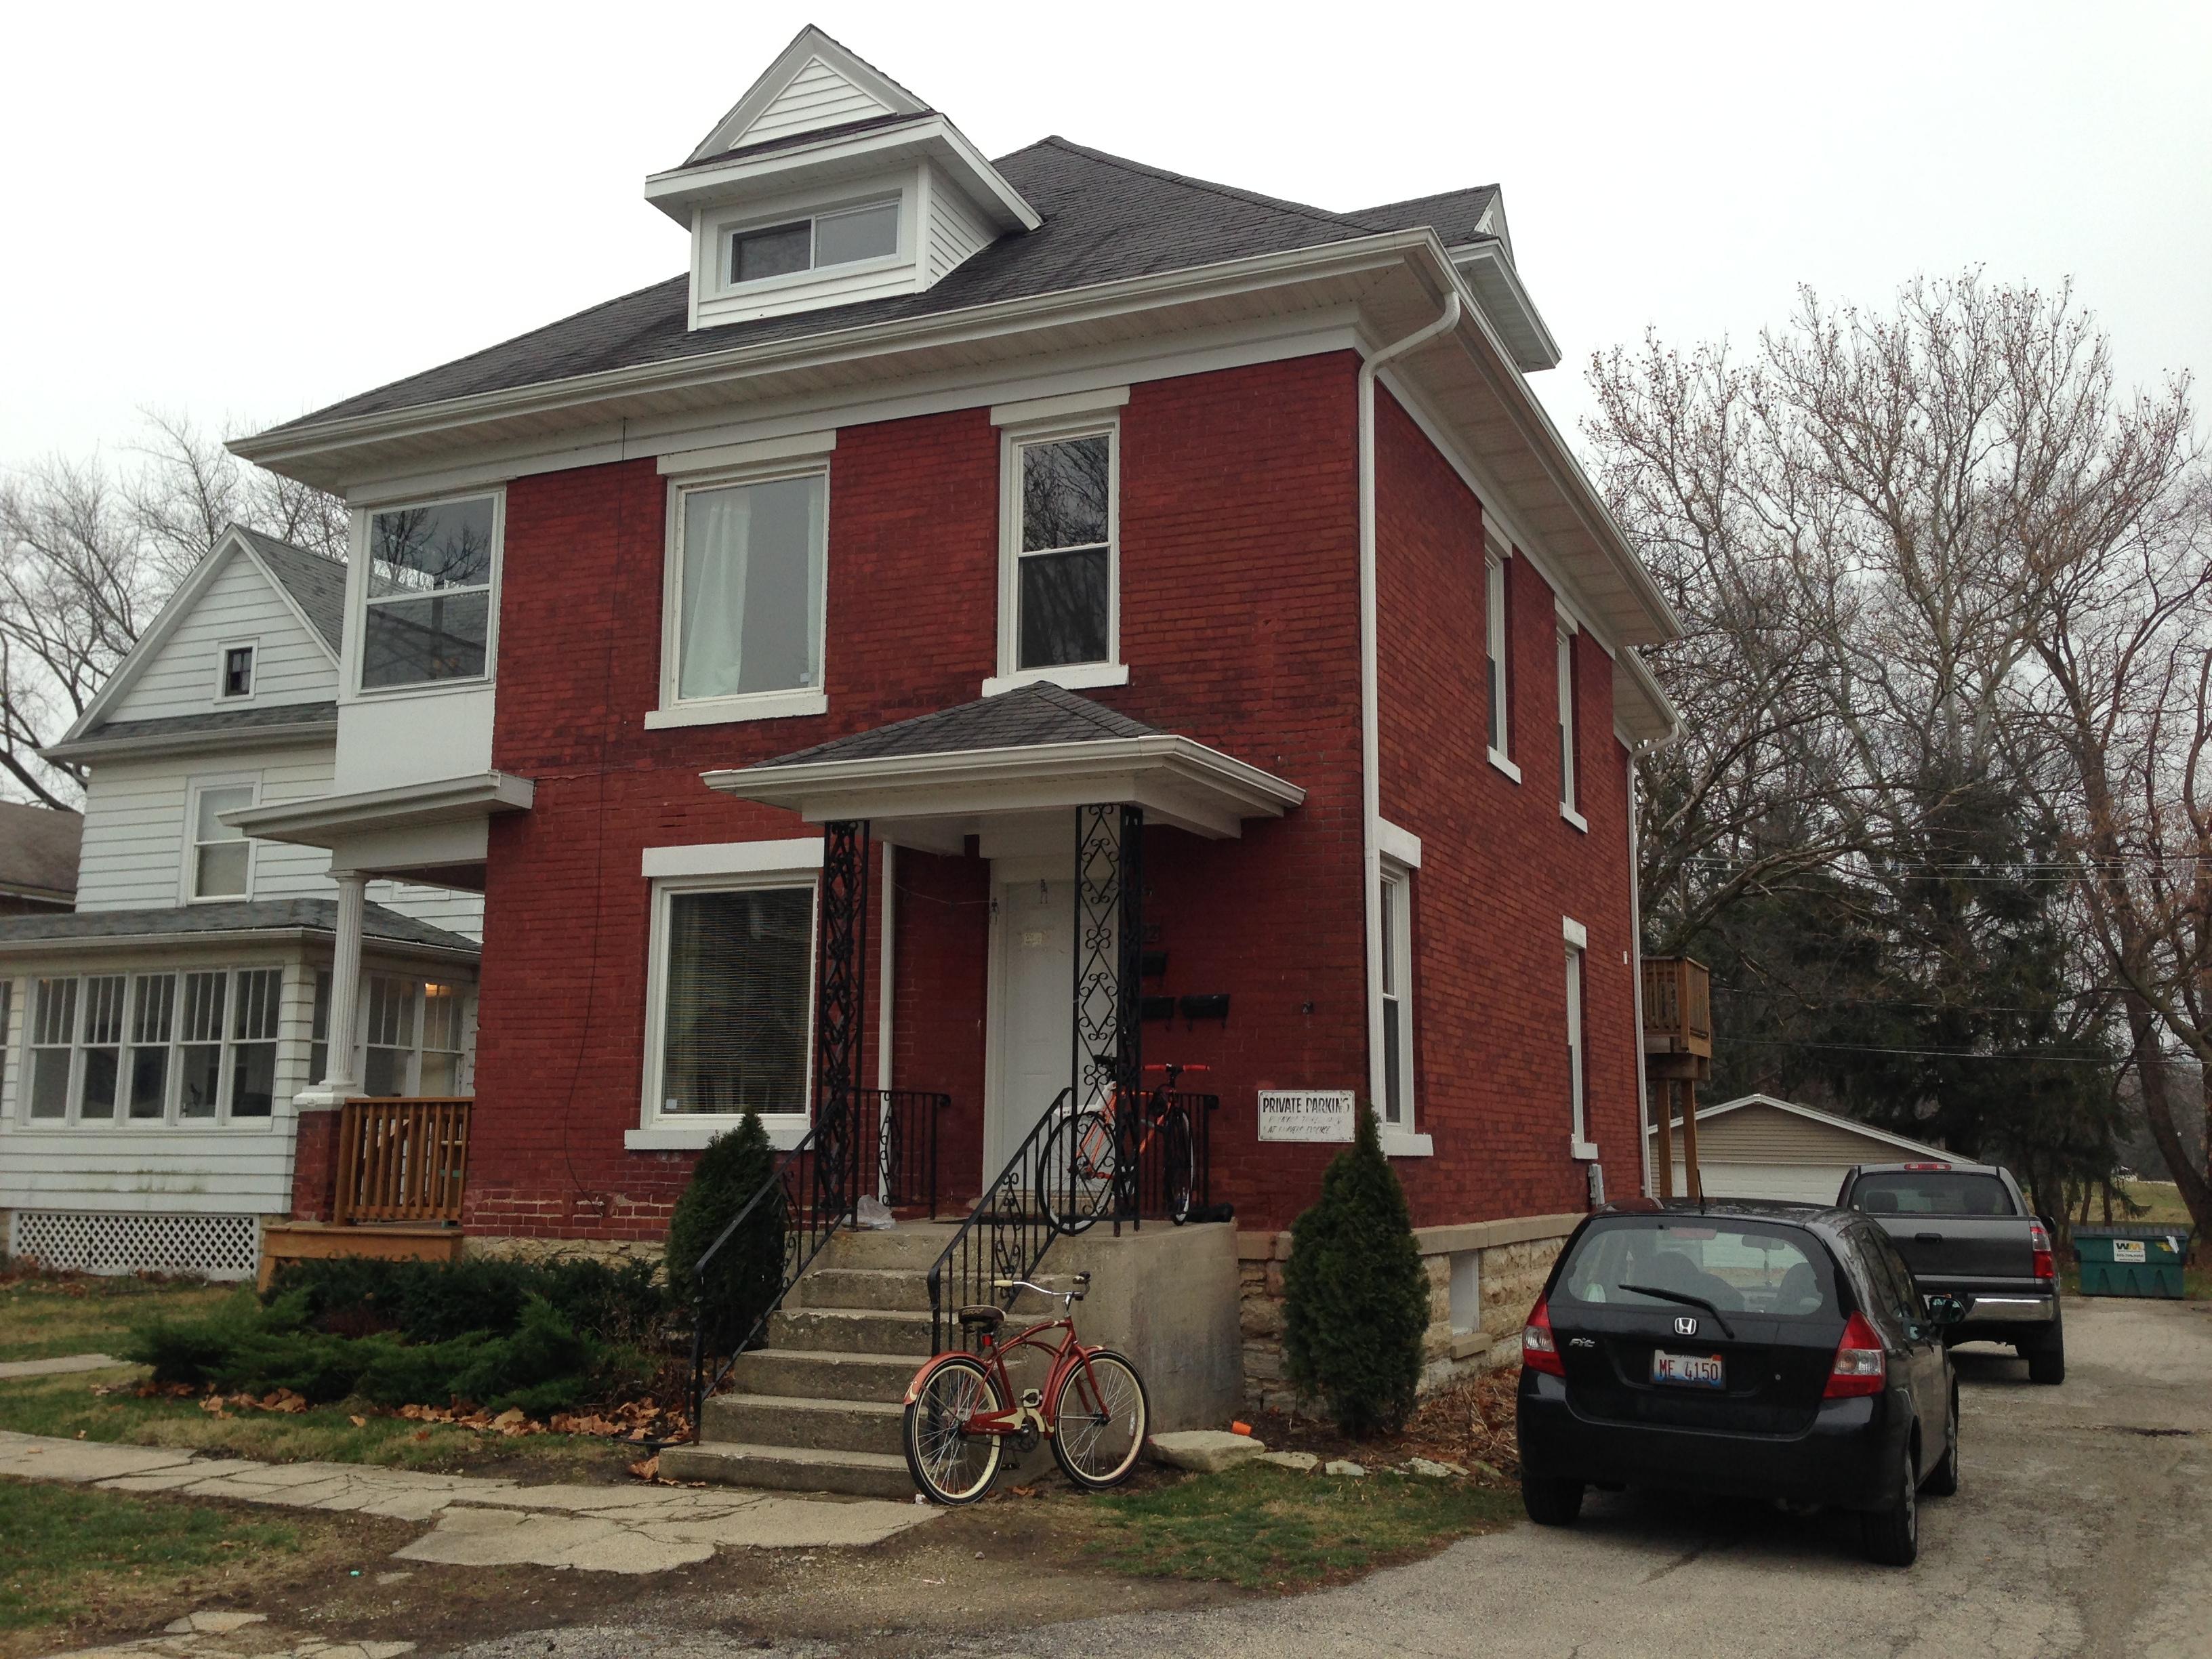 522 College Ave, DeKalb, IL 60115 (1-4 Blocks Away)